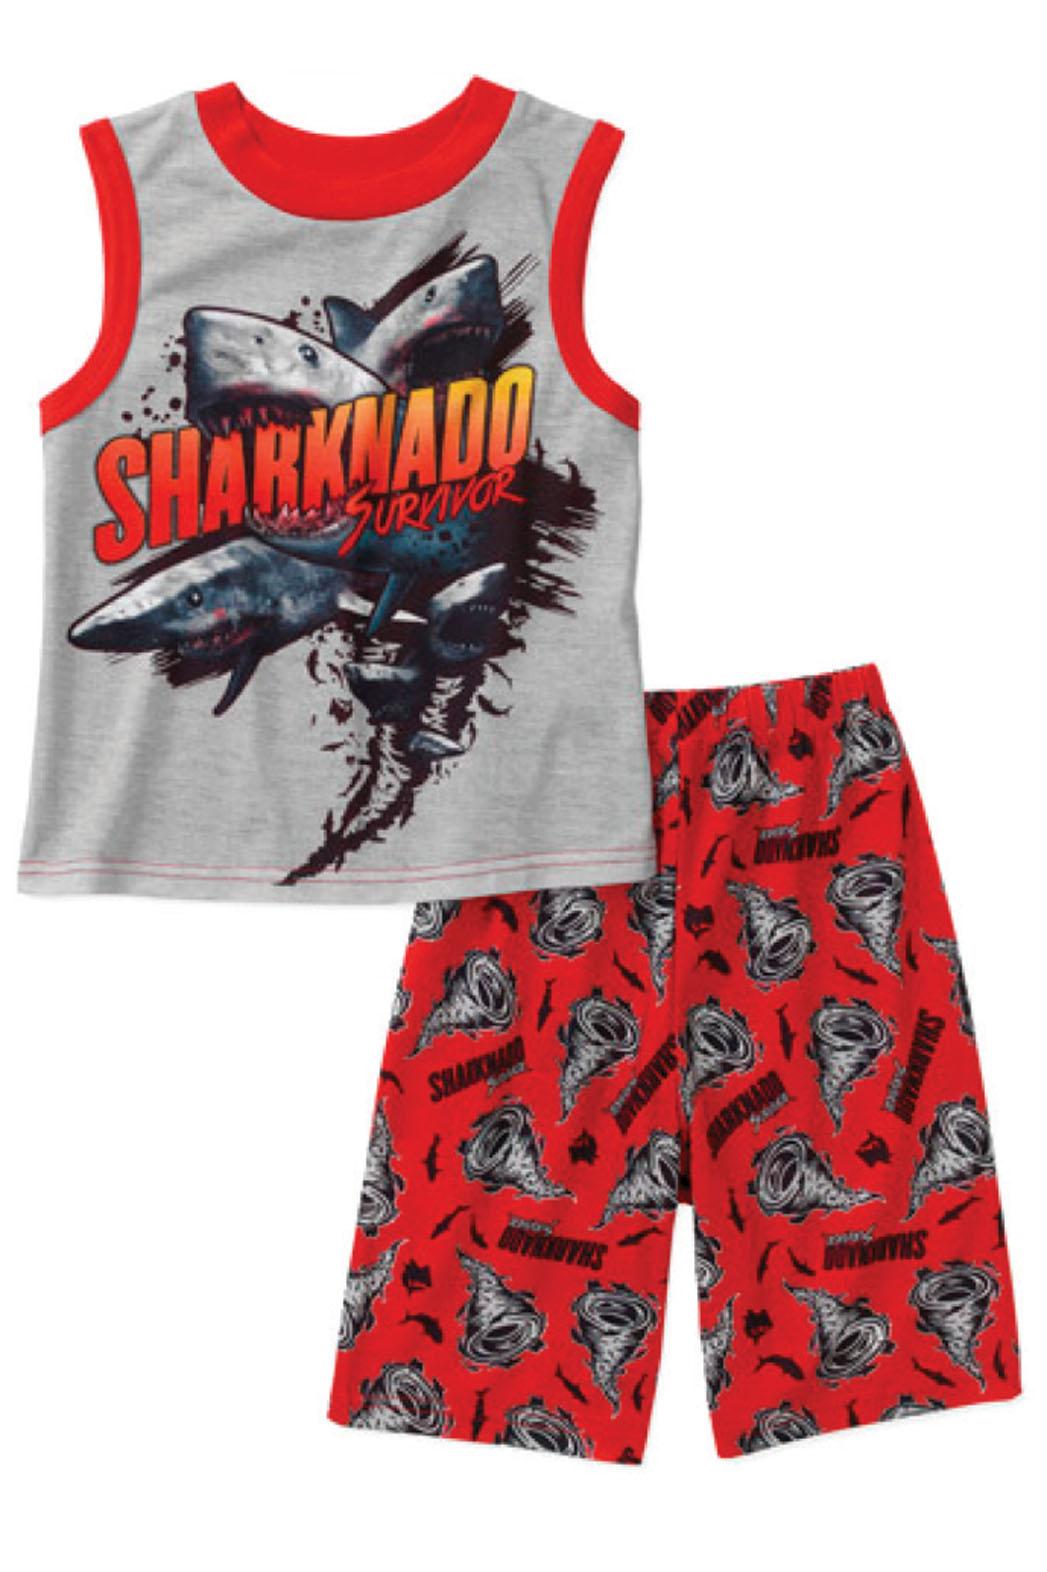 Sharknado Merchandise - P 2014